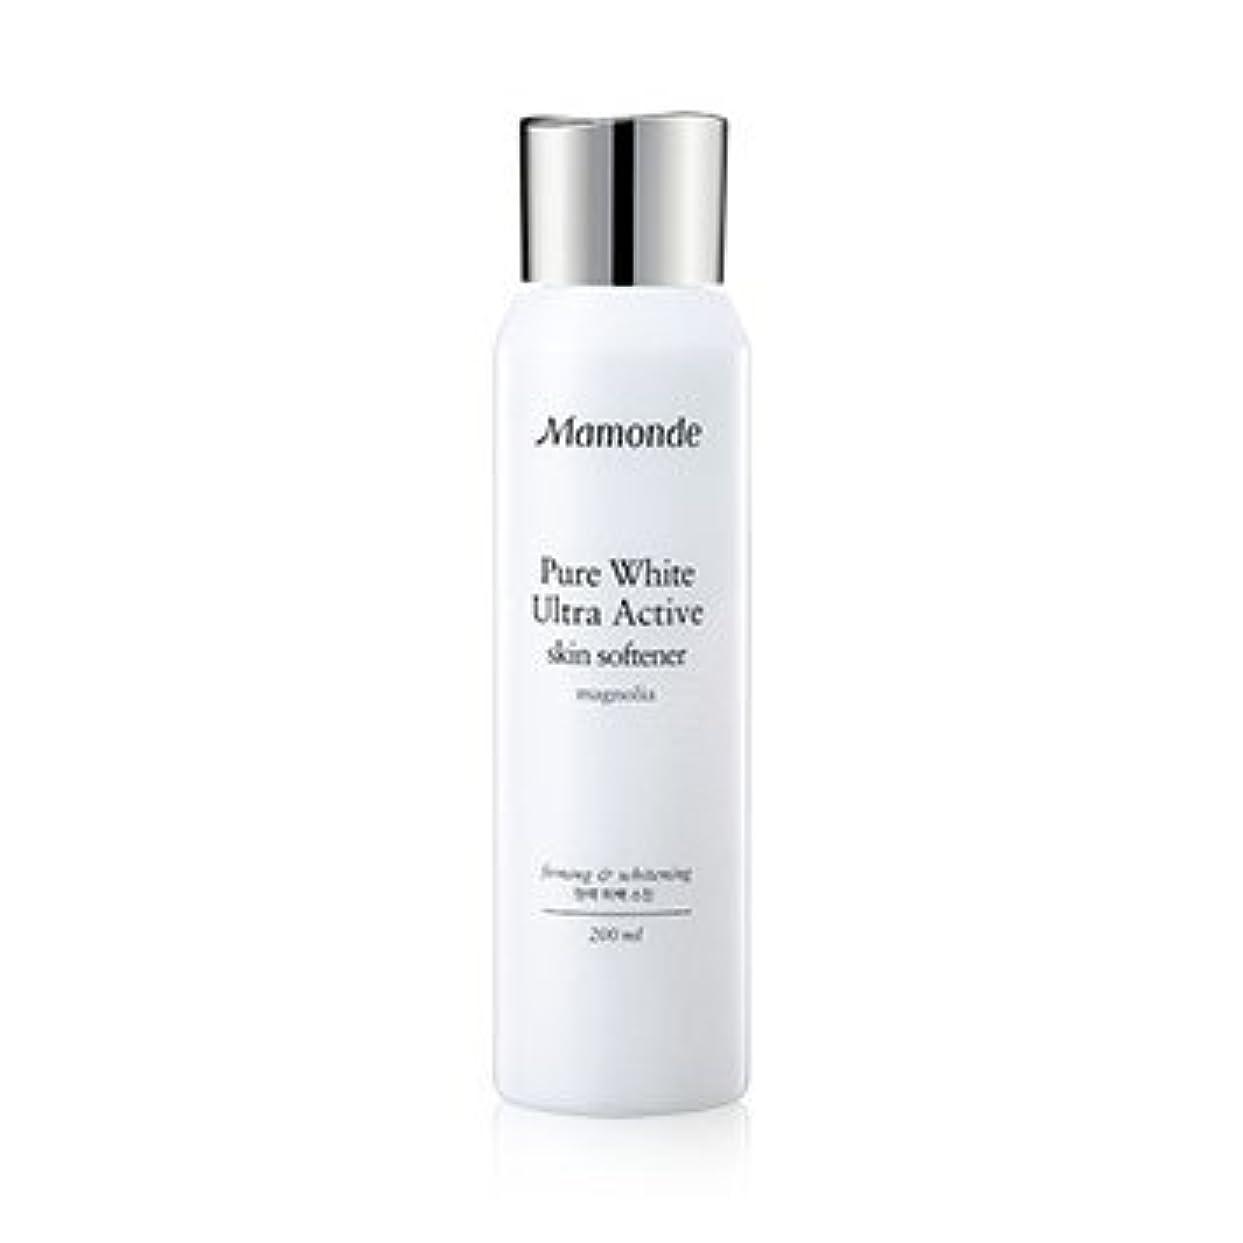 診療所過言部門Mamonde Pure White Ultra Active Skin Softener 200ml/マモンド ピュア ホワイト ウルトラ アクティブ スキン ソフナー 200ml [並行輸入品]